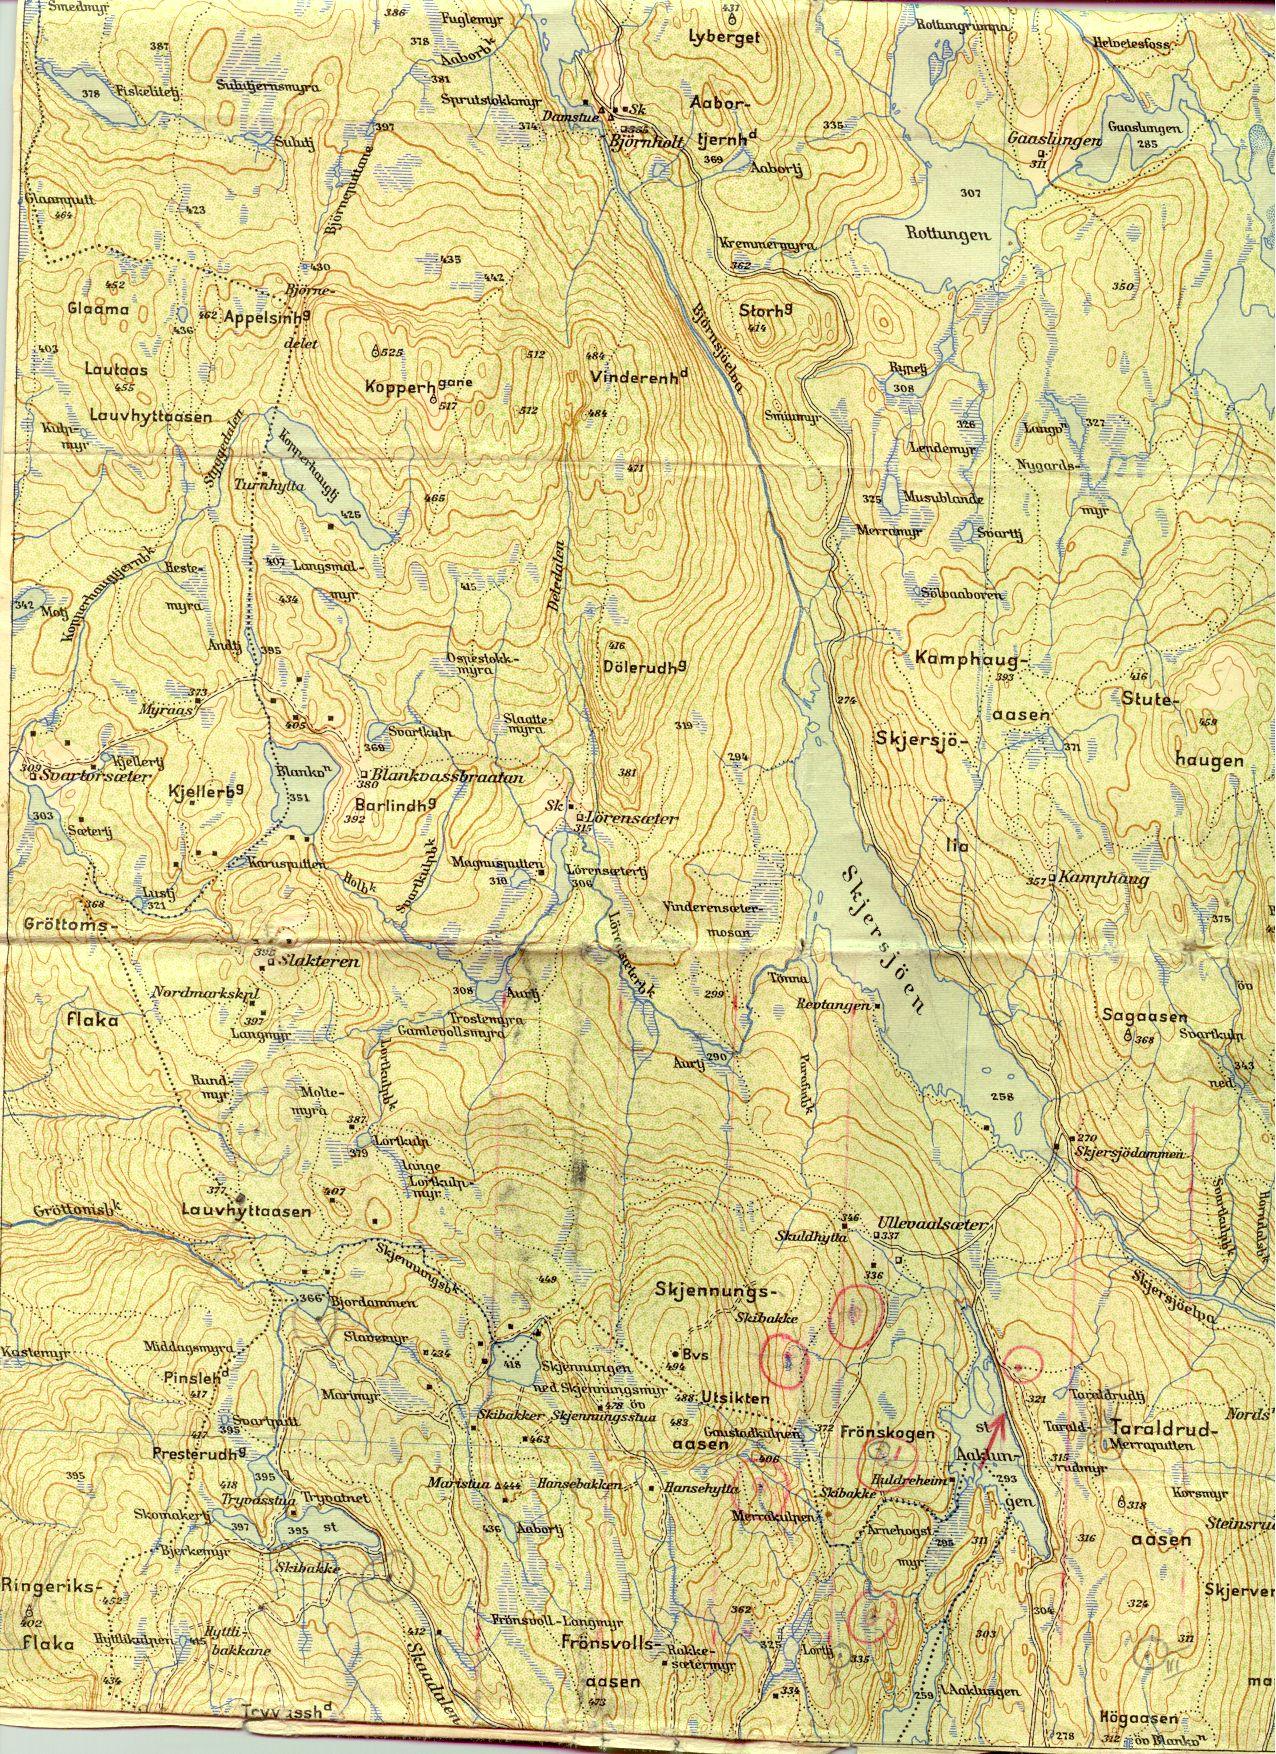 kart over nordmarka Oversiktskart kart over nordmarka